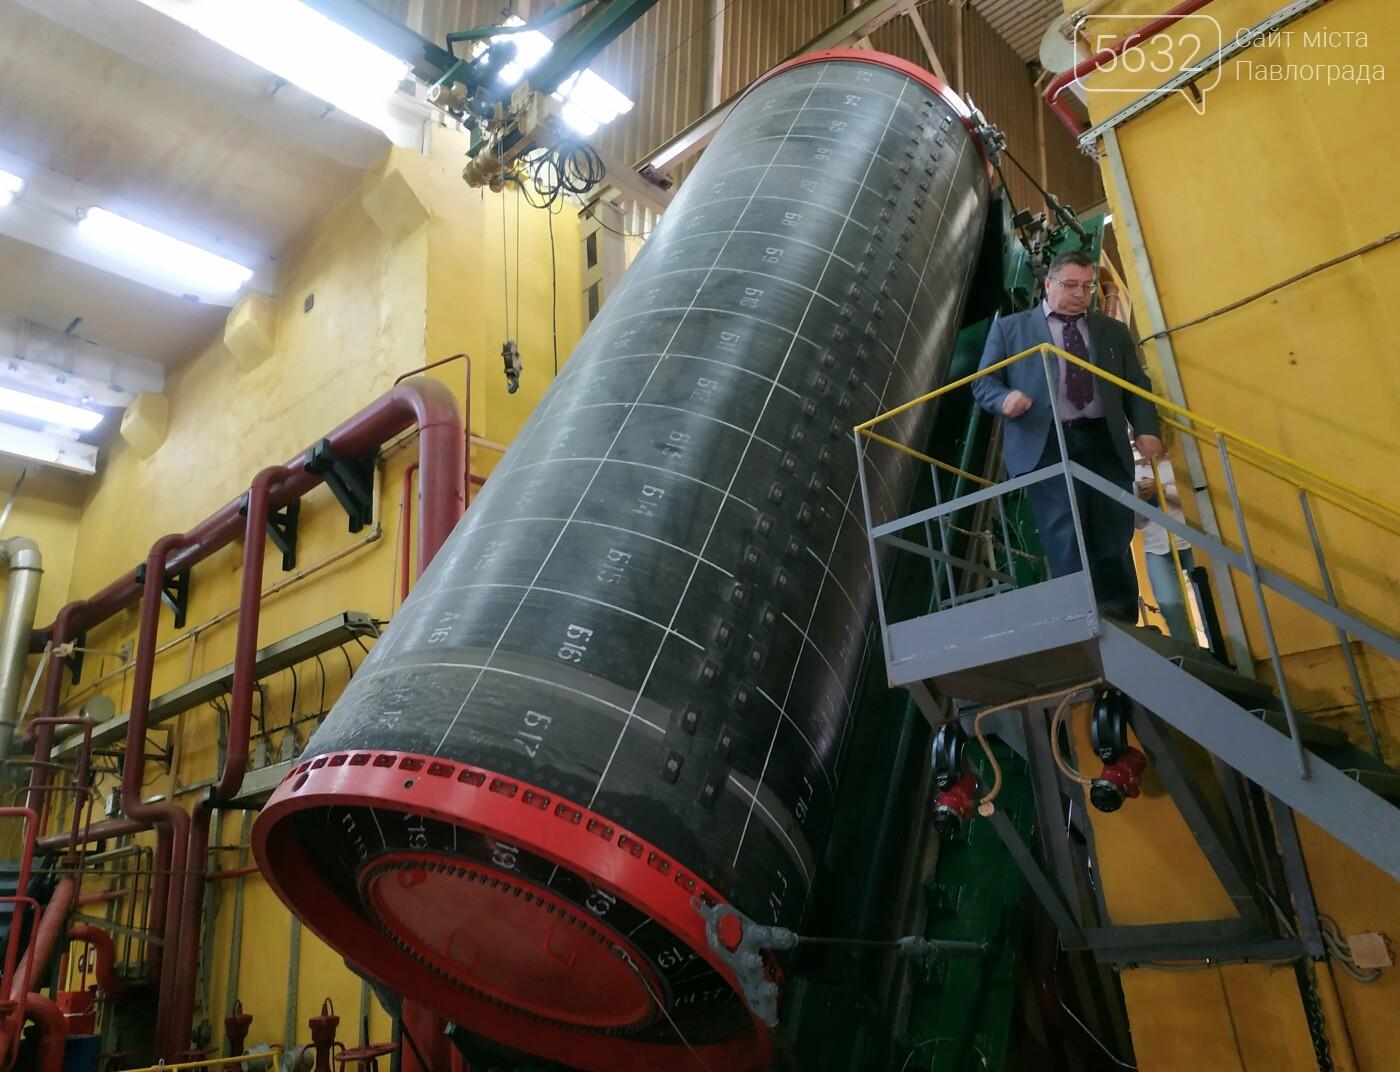 Павлоградский химический завод готовится к возобновлению работ по утилизации ТРТ (ФОТОРЕПОРТАЖ), фото-12